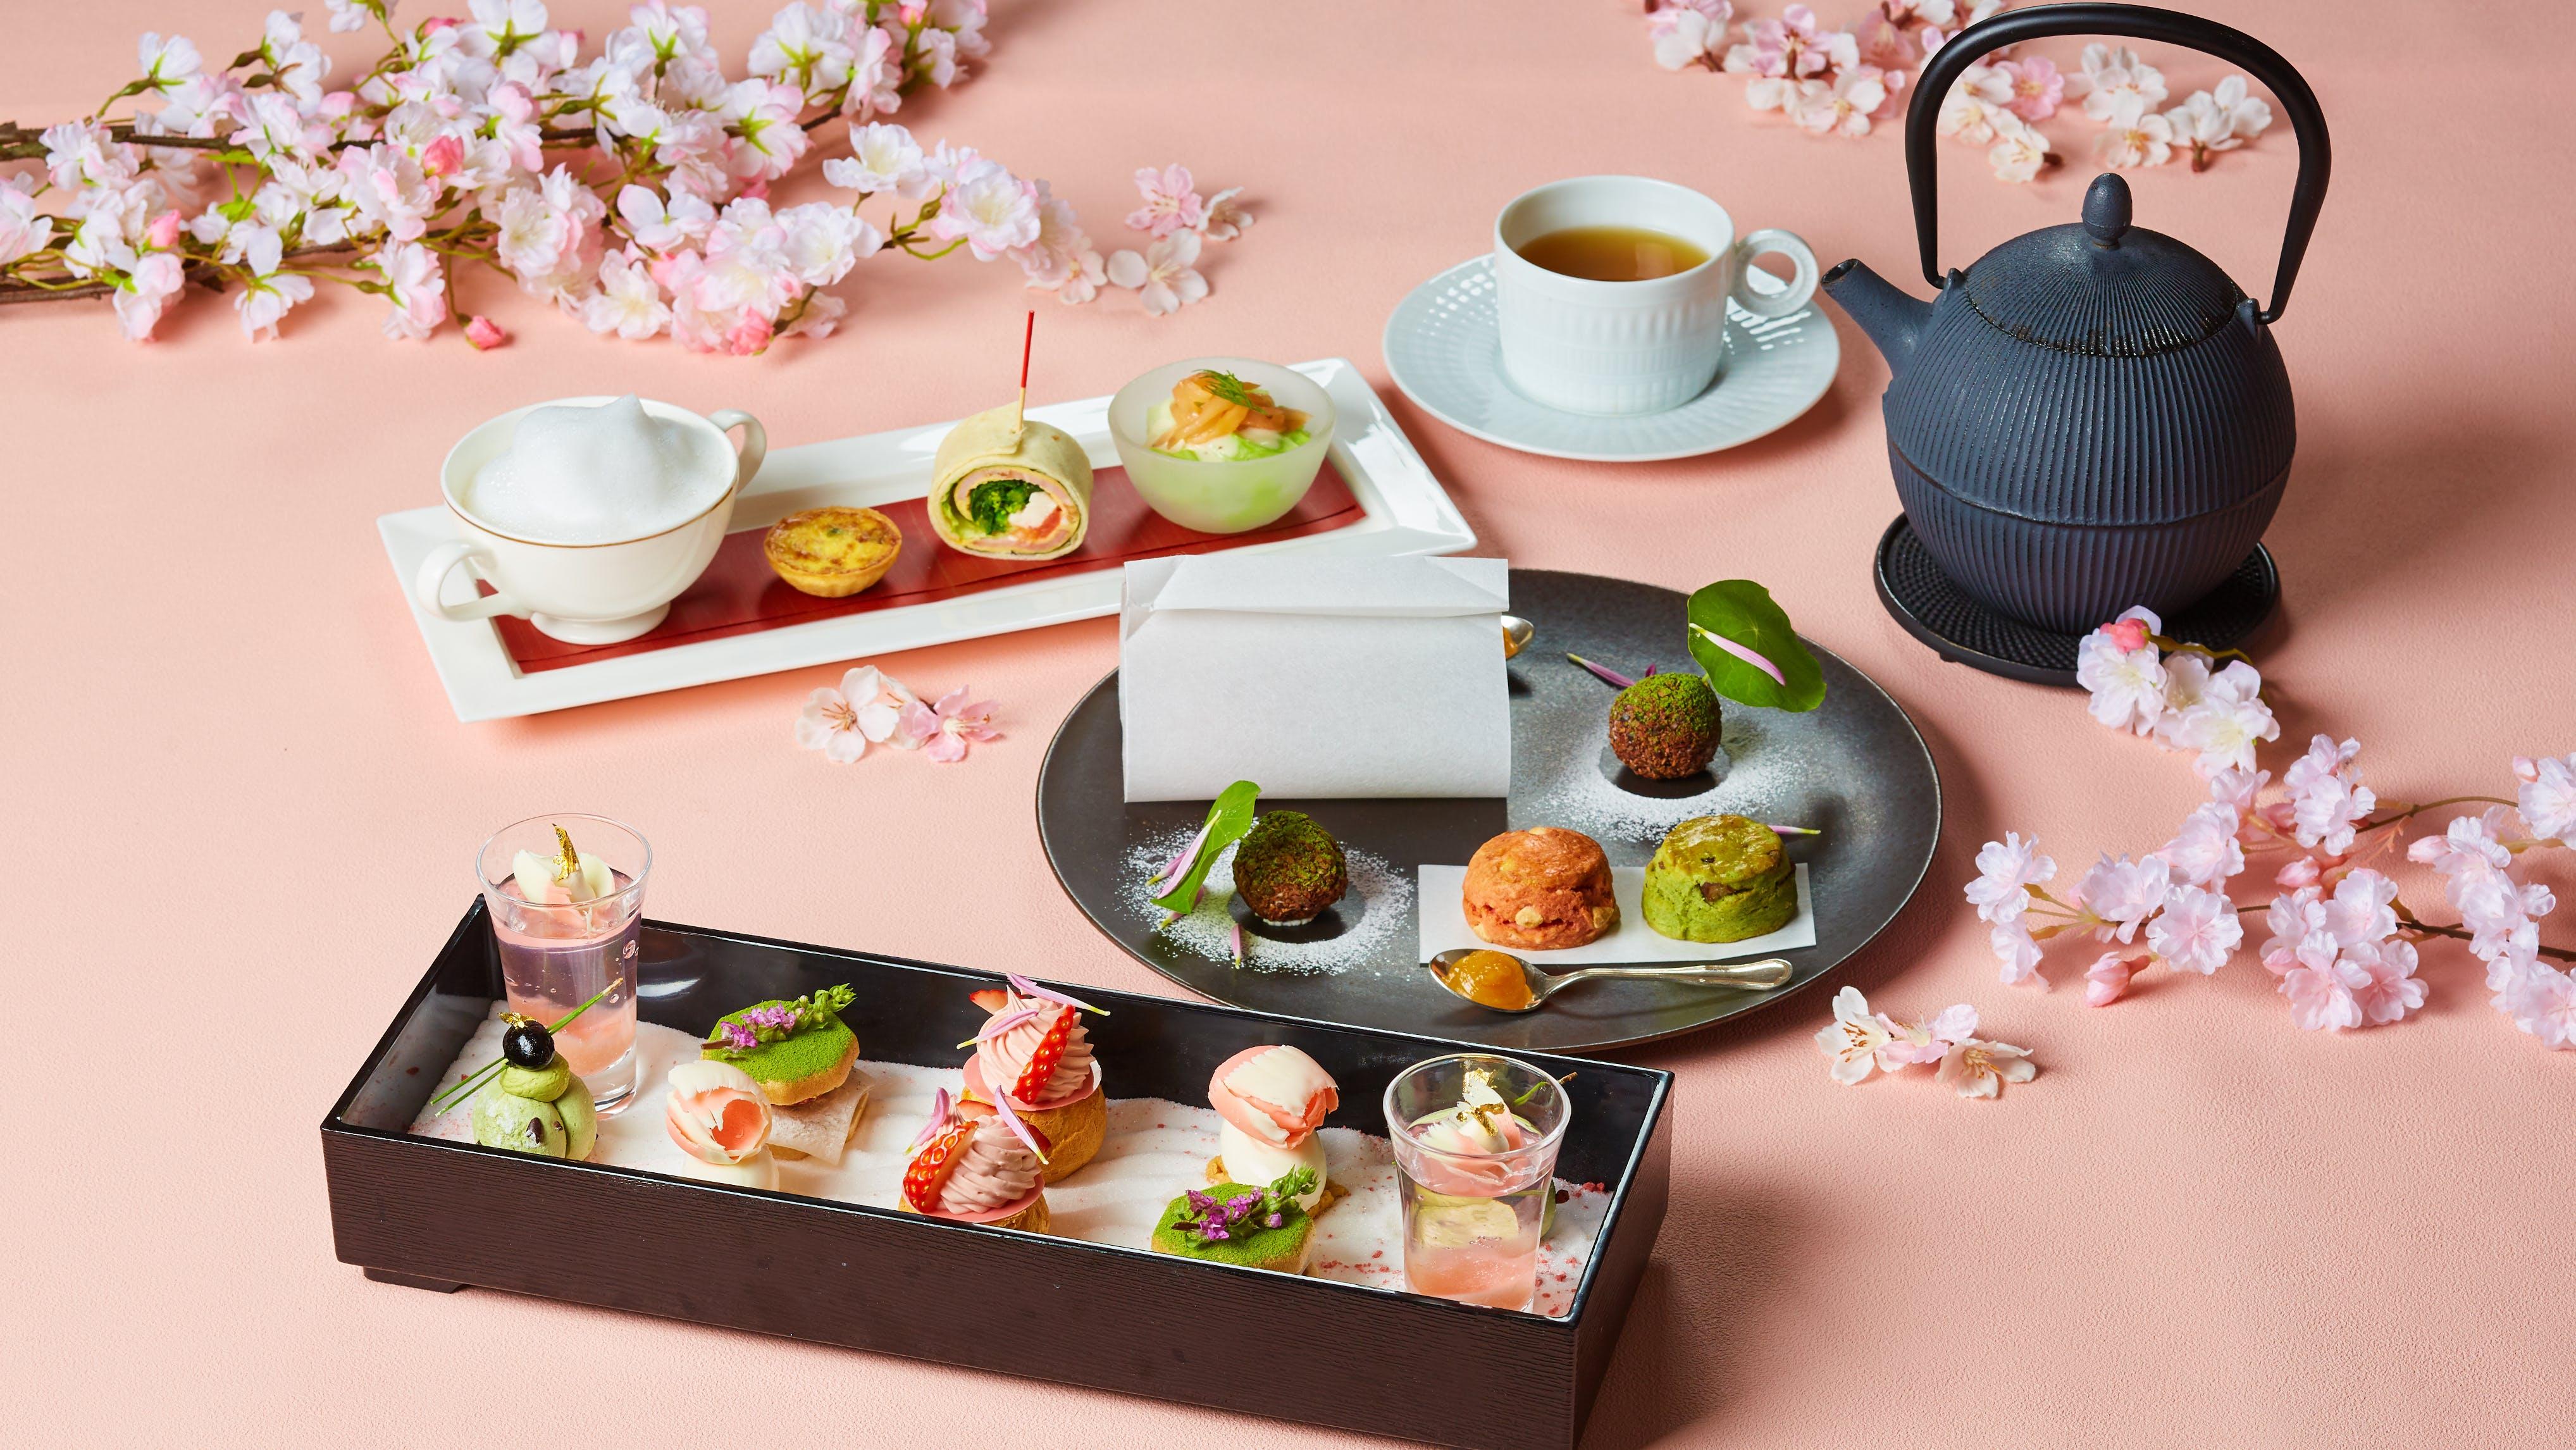 年春 桜アフタヌーンティーを楽しめる東京のシティホテル5選 一休コンシェルジュ